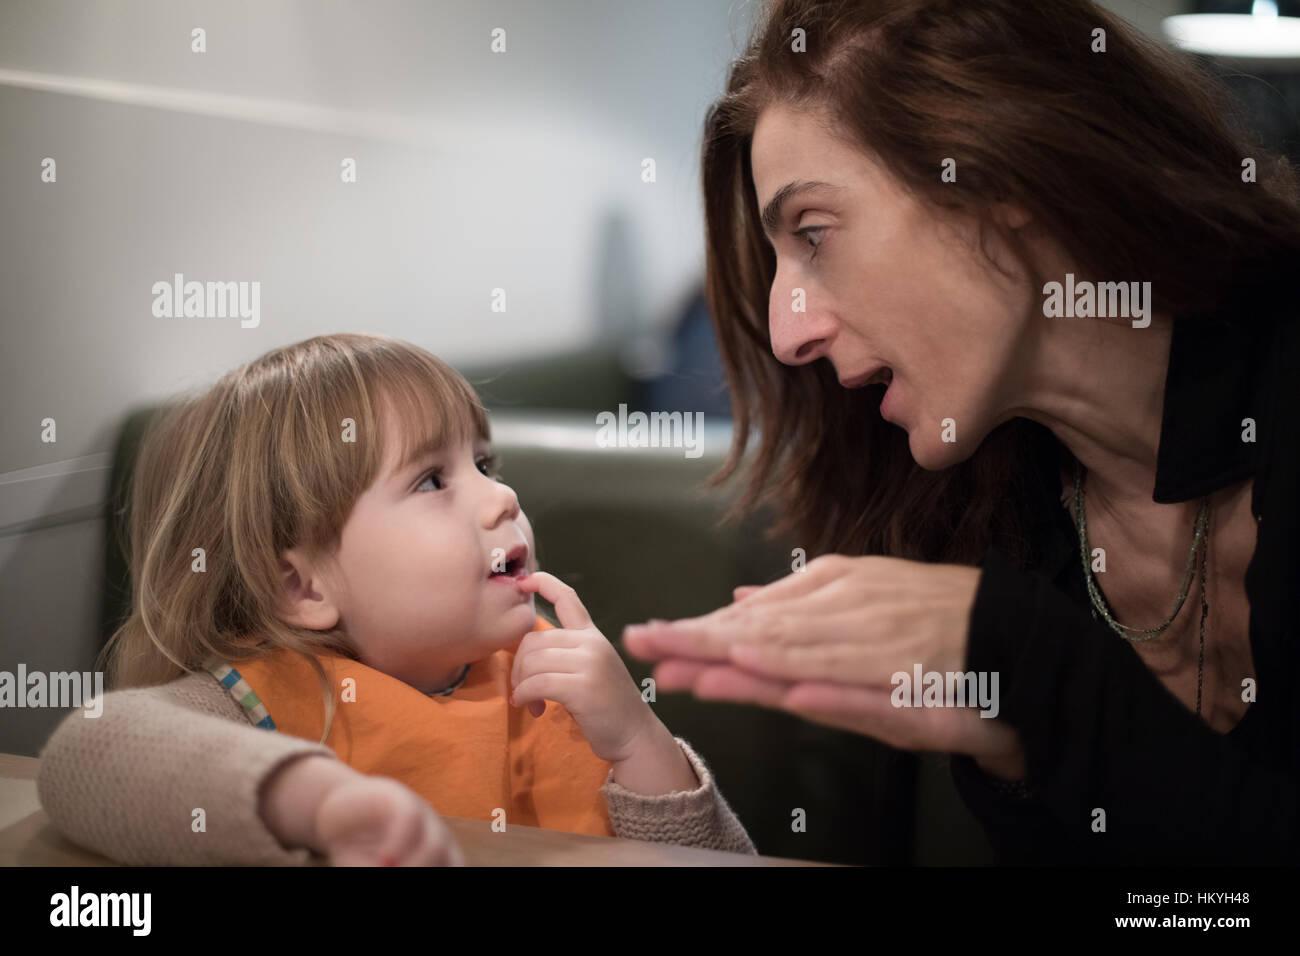 Brunette donna l'espressione del viso e gesti con le mani che raccontano una storia o un racconto, al bambino Immagini Stock